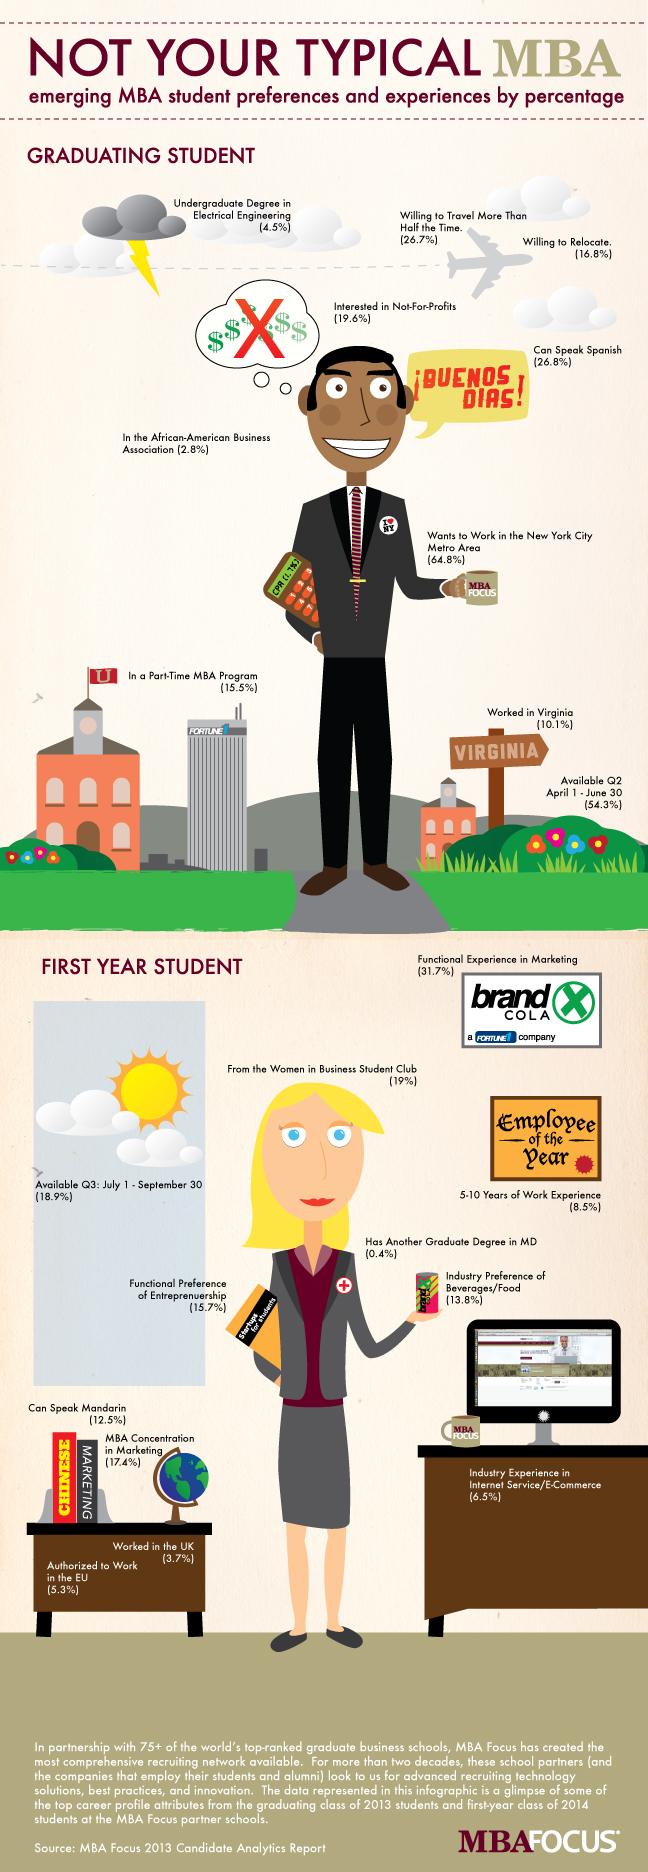 MBA Focus Infographic